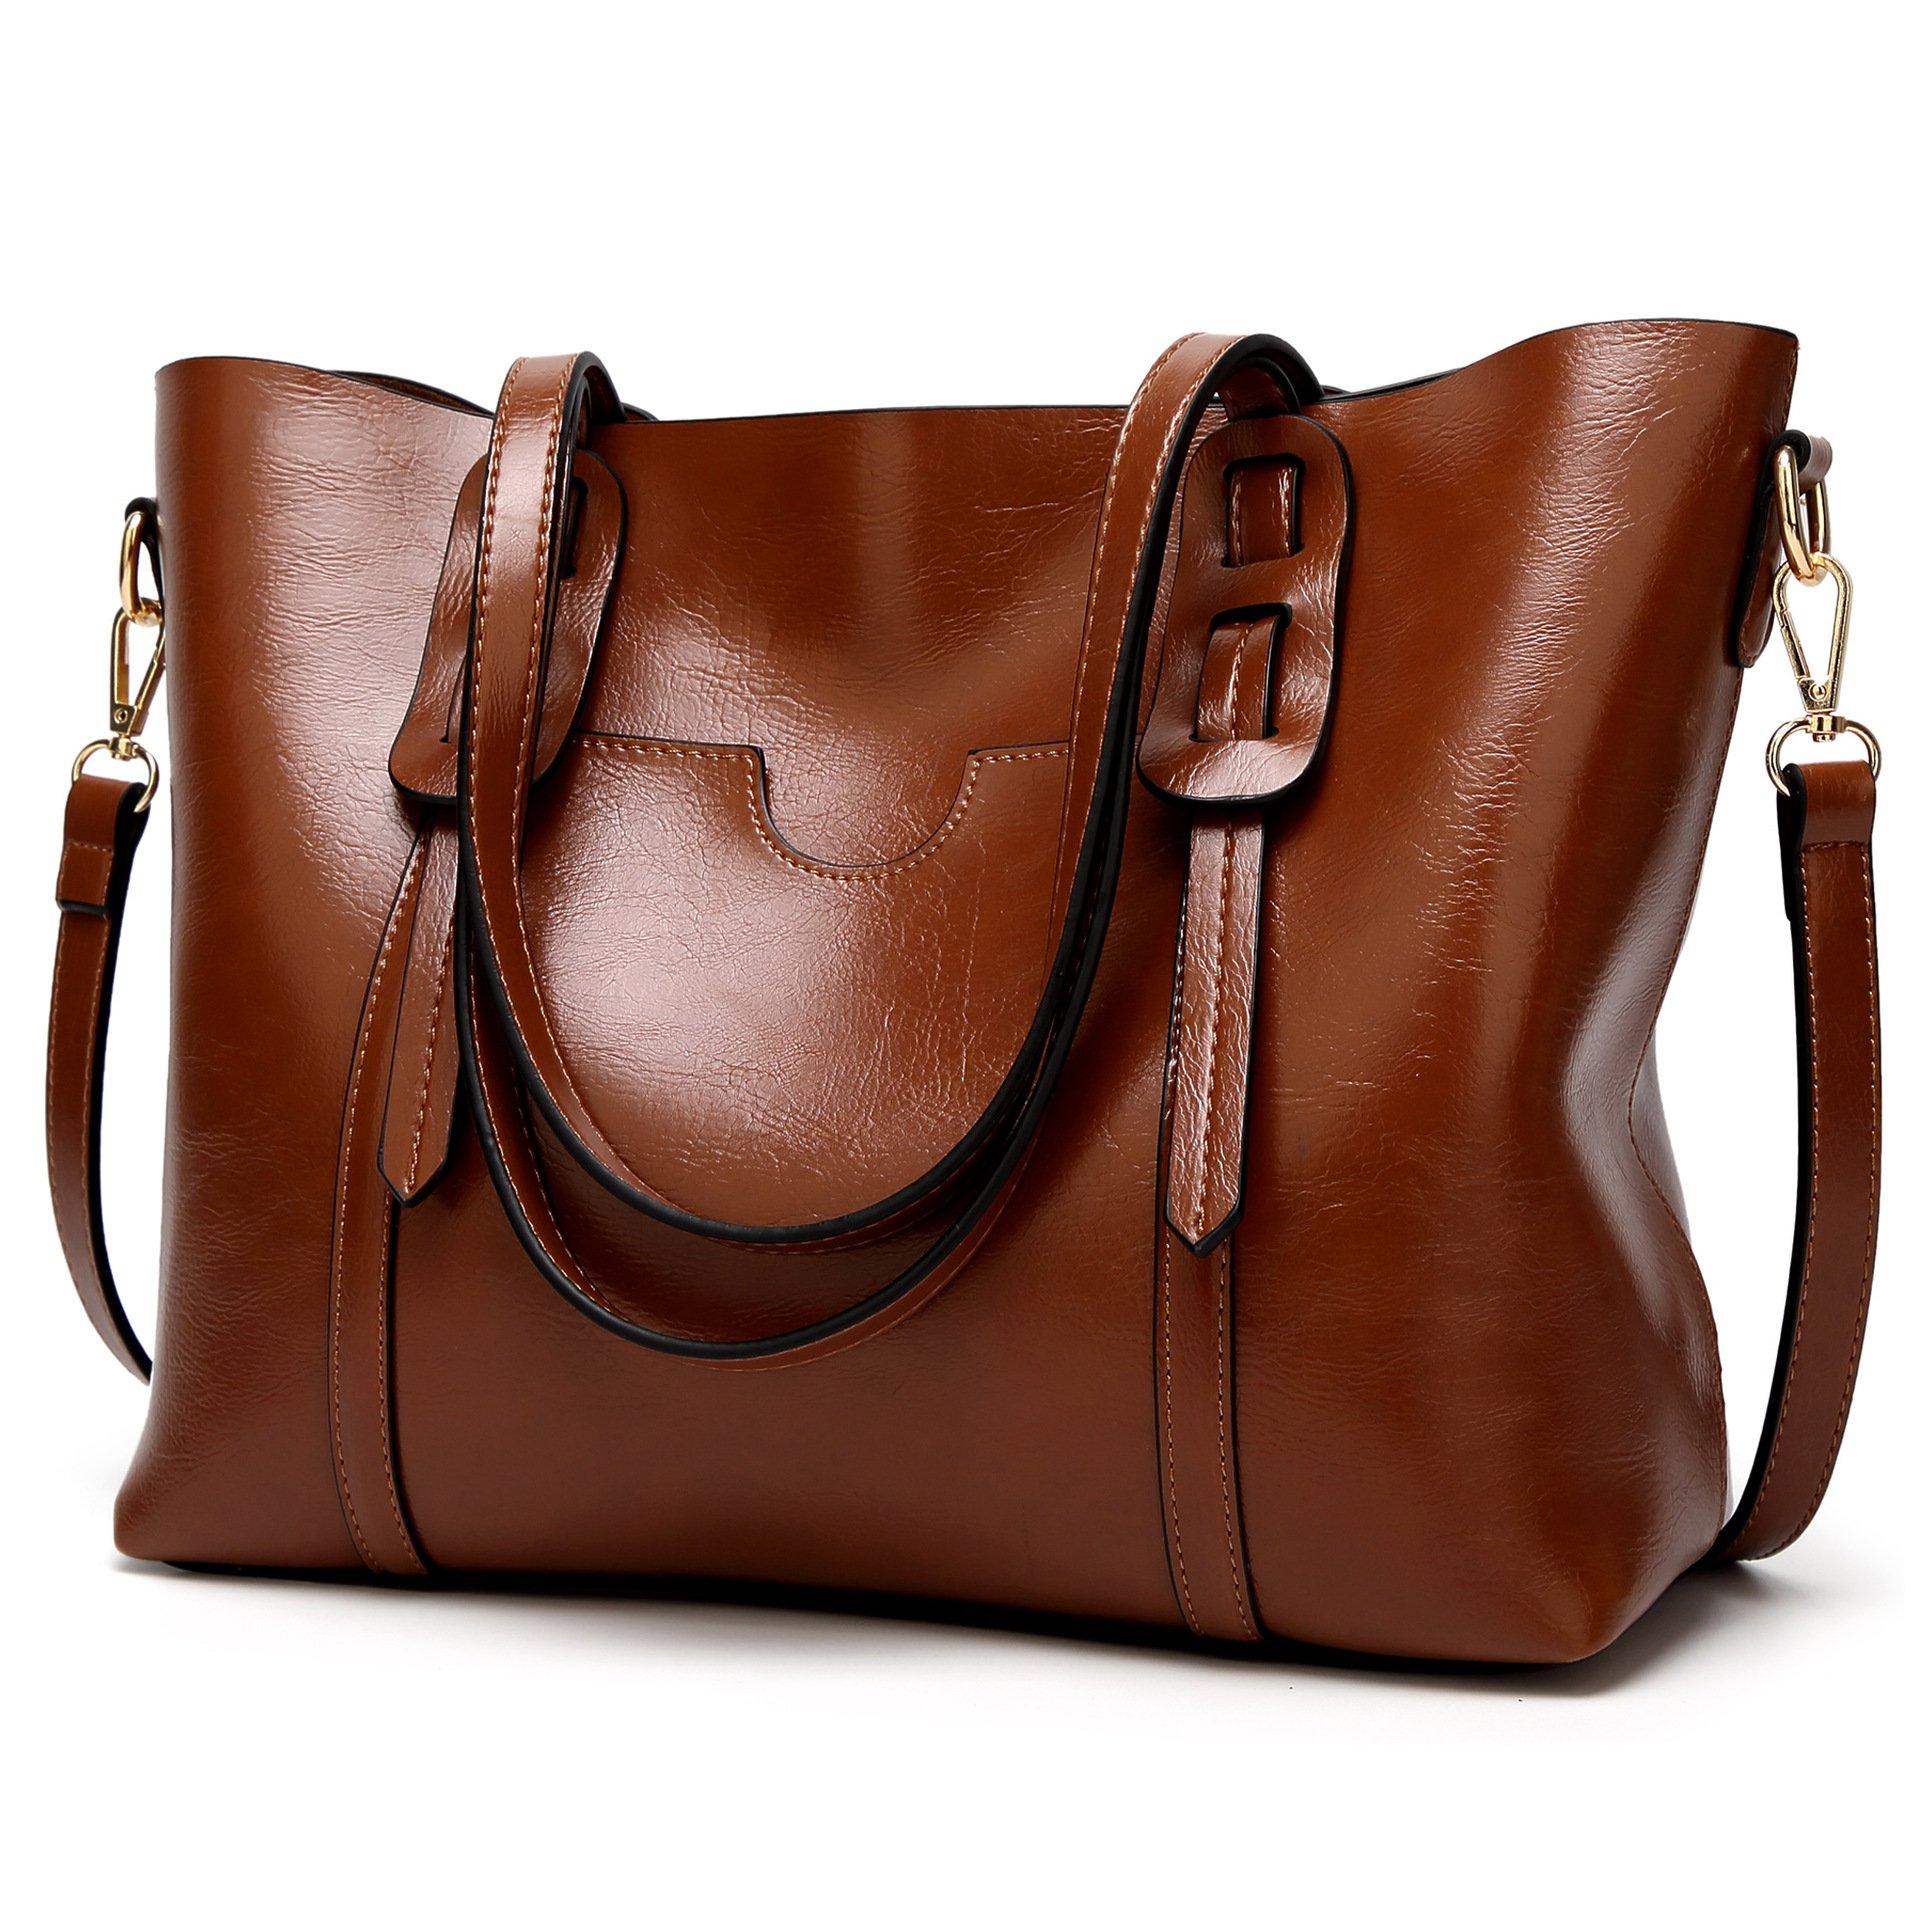 LoZoDo Women Top Handle Satchel Handbags Shoulder Bag Tote Purse (Drak brown)